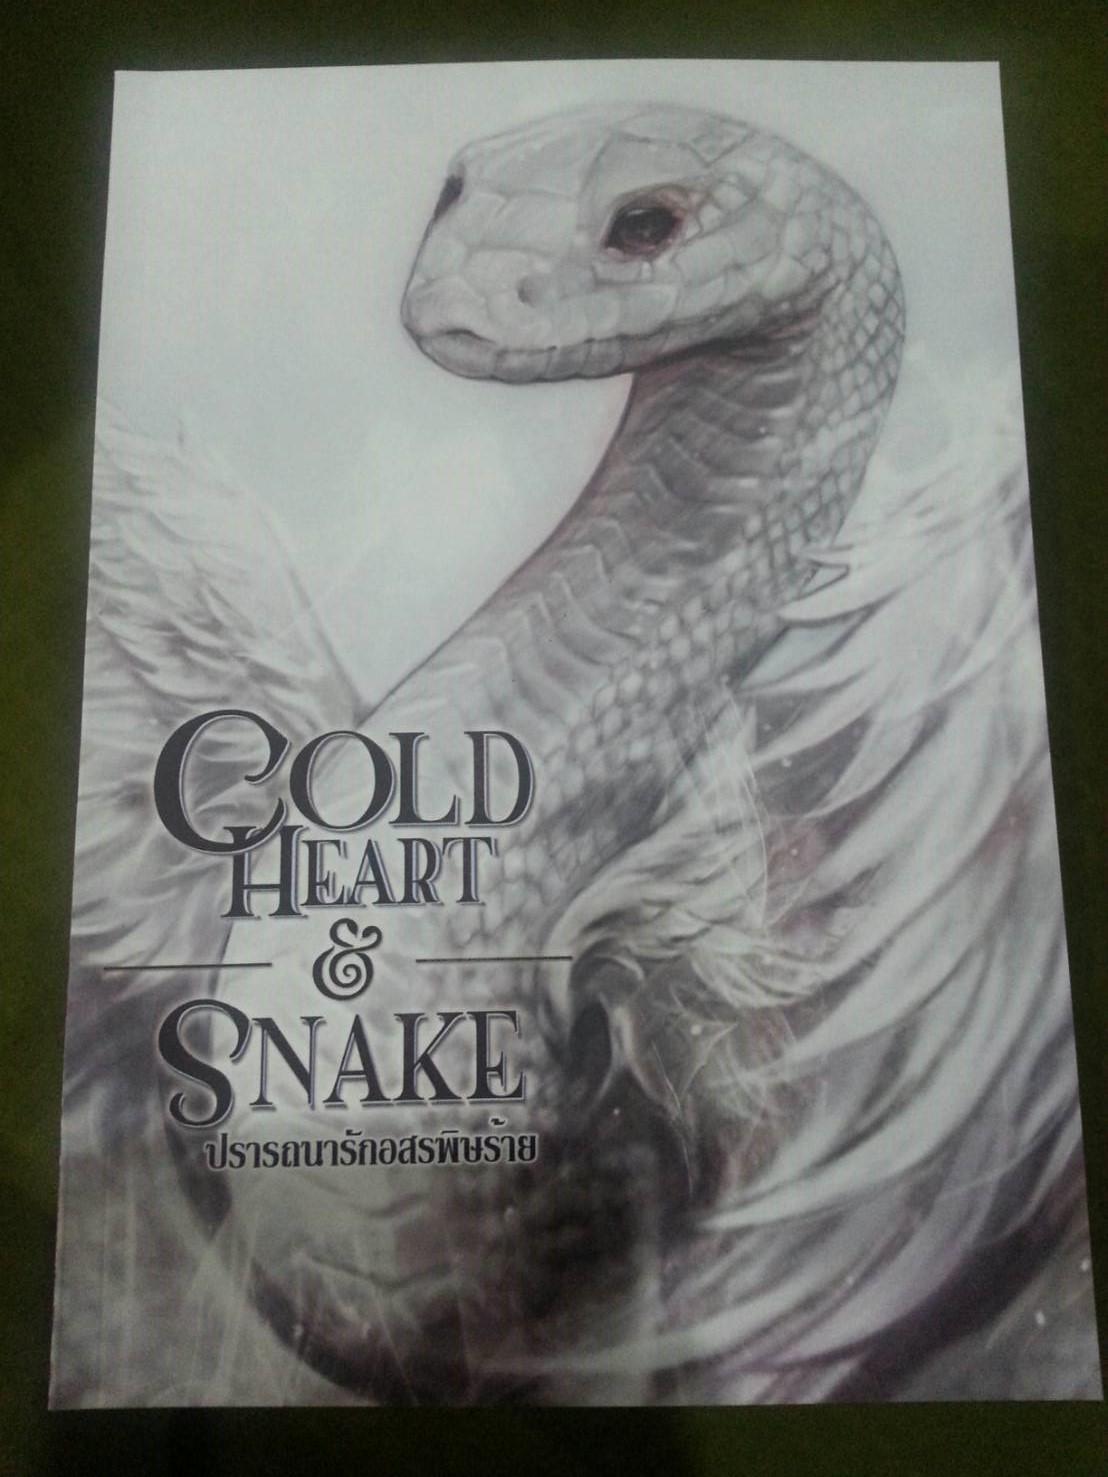 DG.Series COLD-HEART SNAKE By RiRi เล่ม 2 มัดจำ 500 ค่าเช่า 100b.